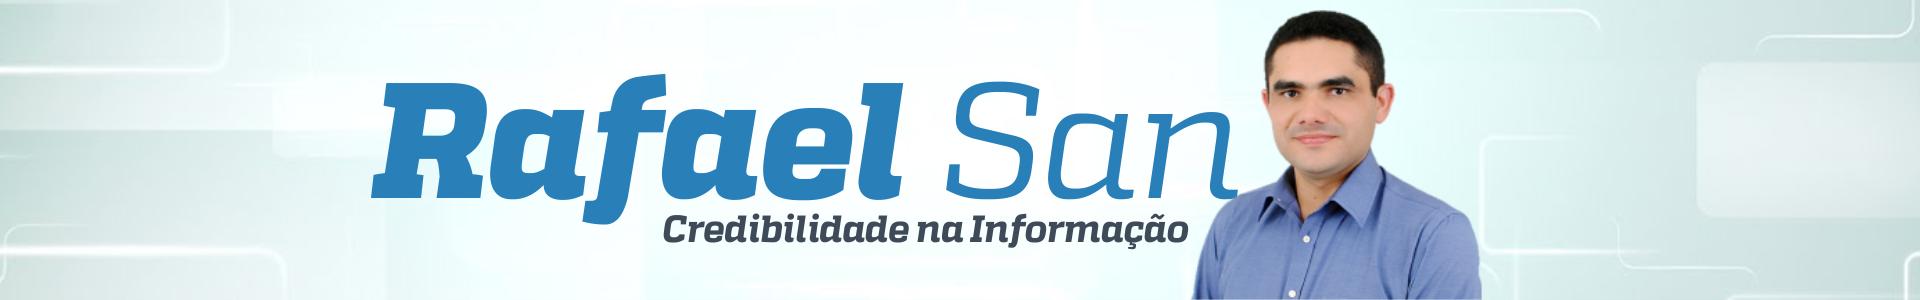 Blog do Rafael San